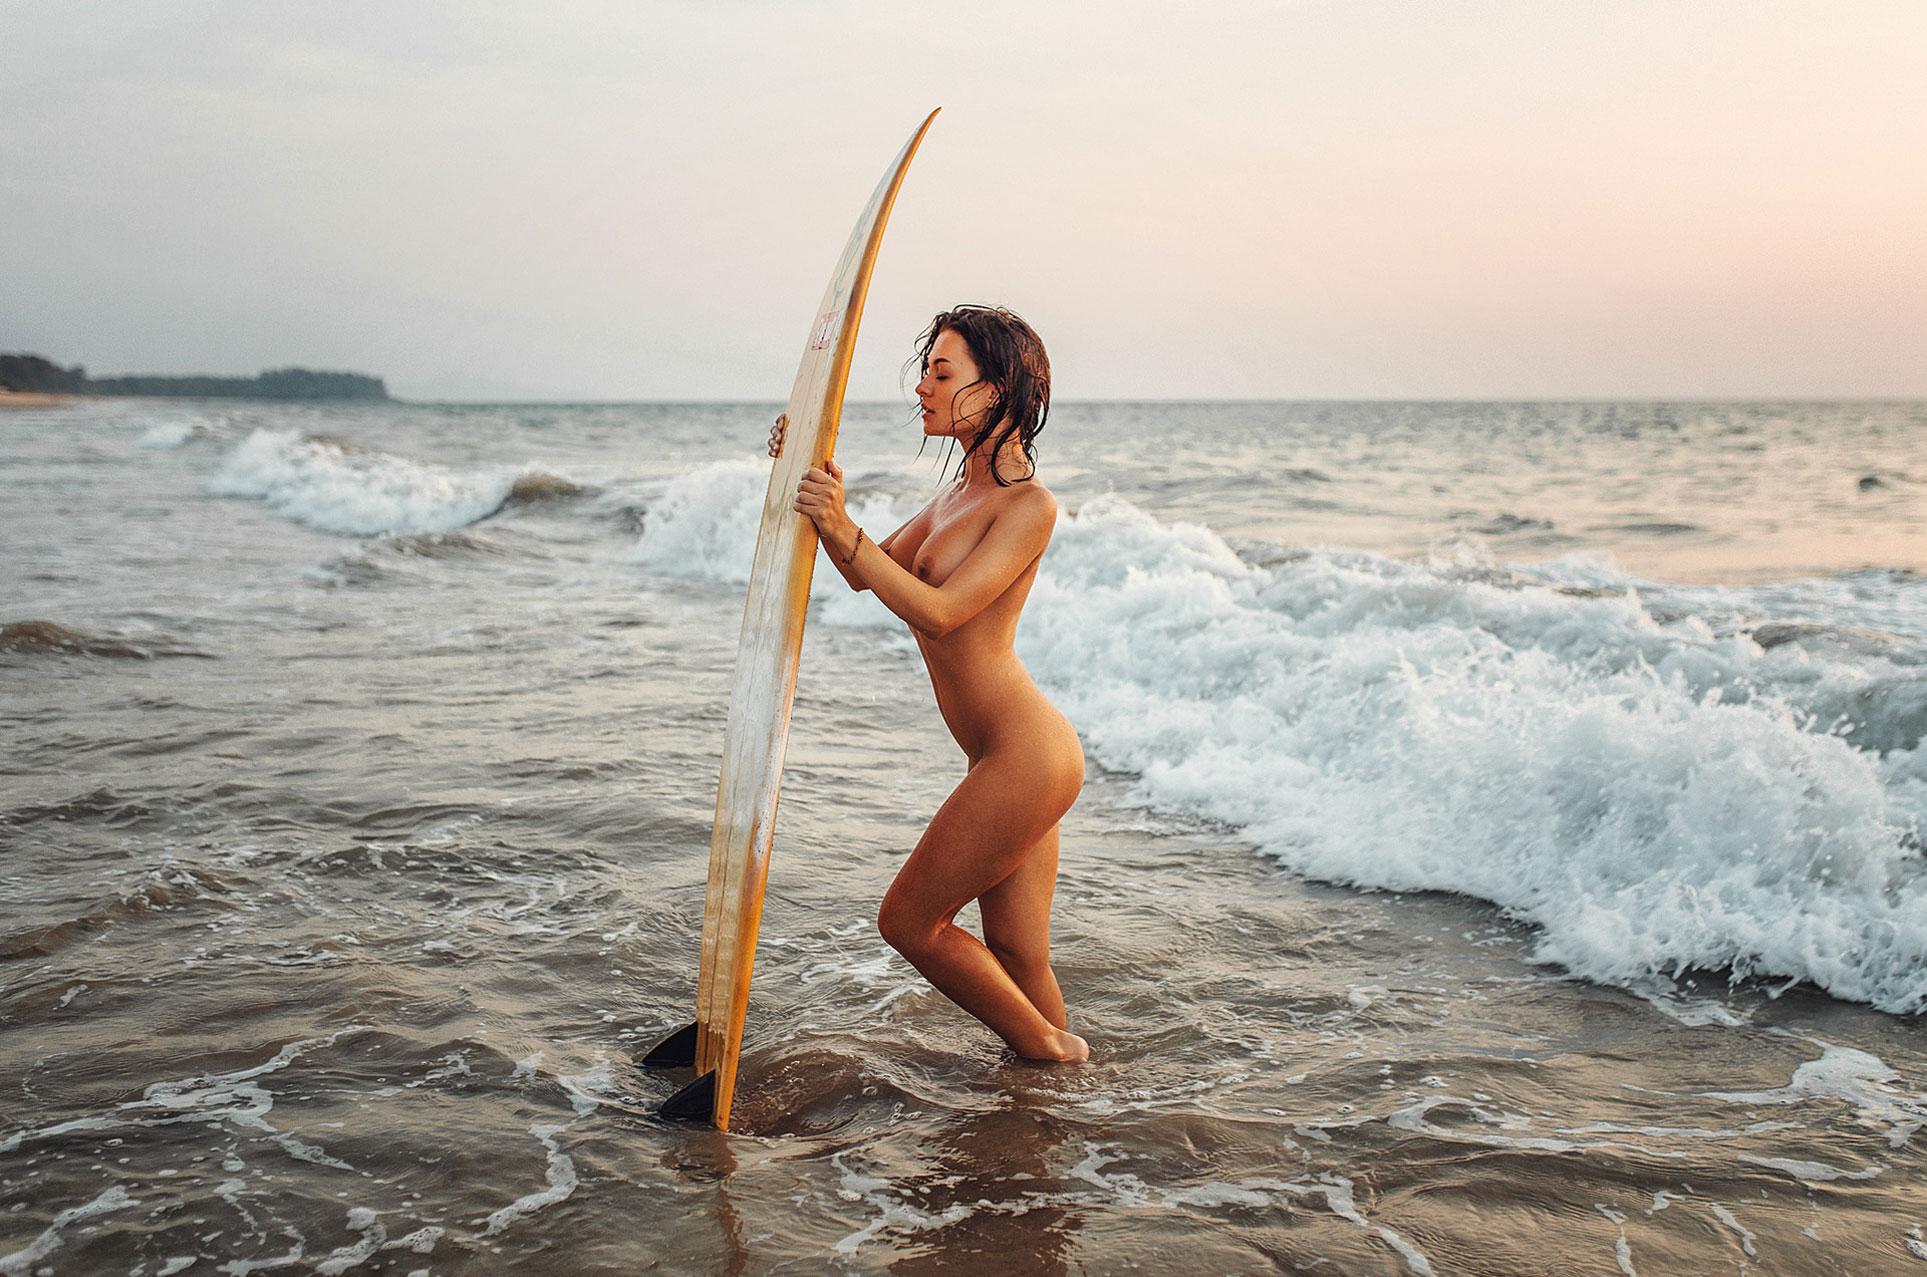 подборка фотографий сексуальных голых девушек - Настя / Anastasiya